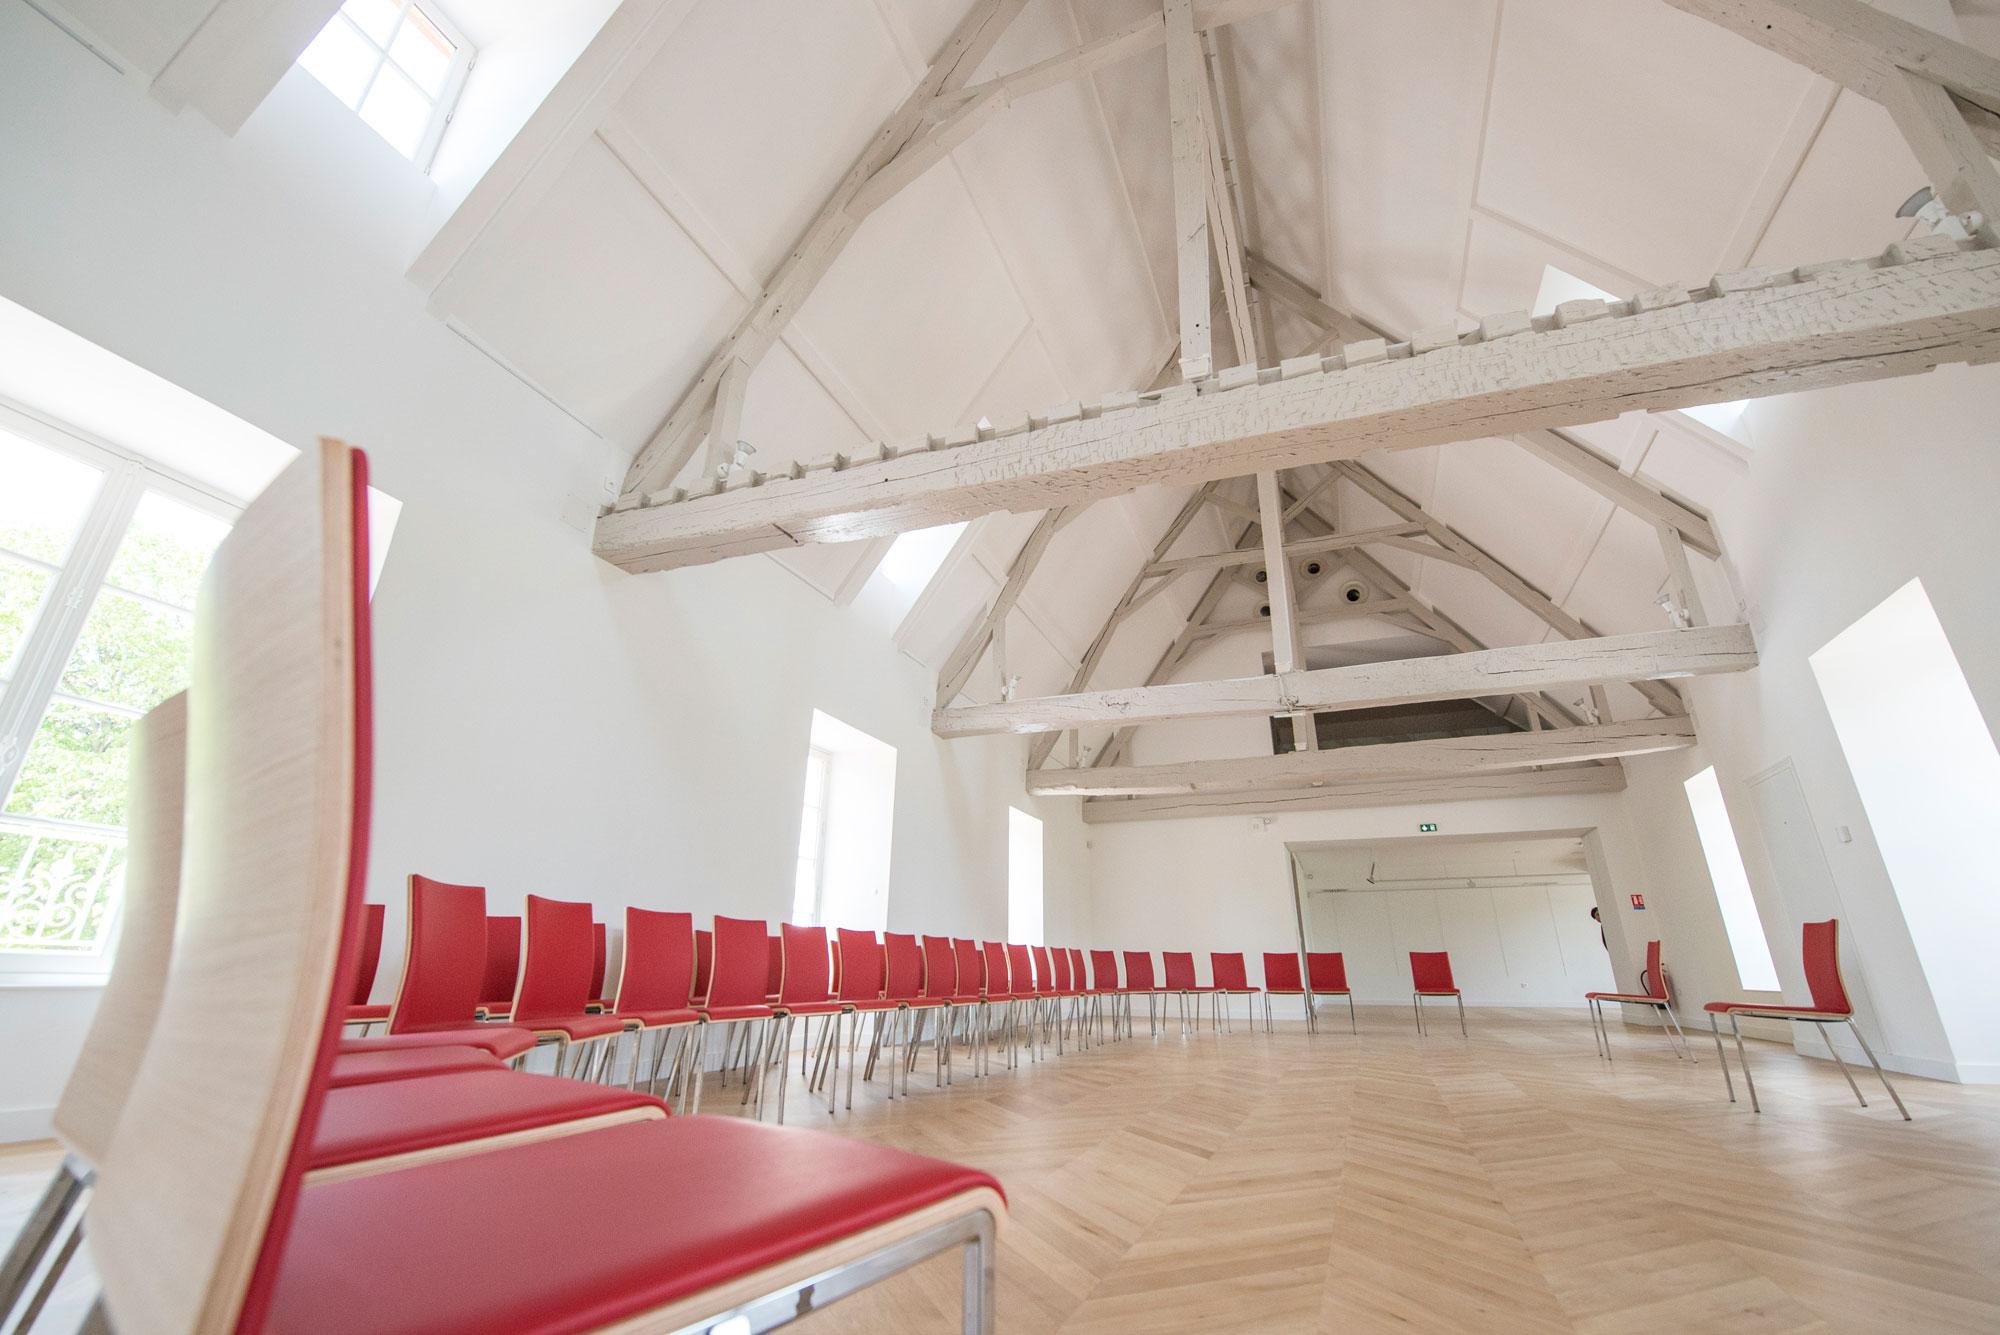 grande salle de réunion, séminaire, conférence ....